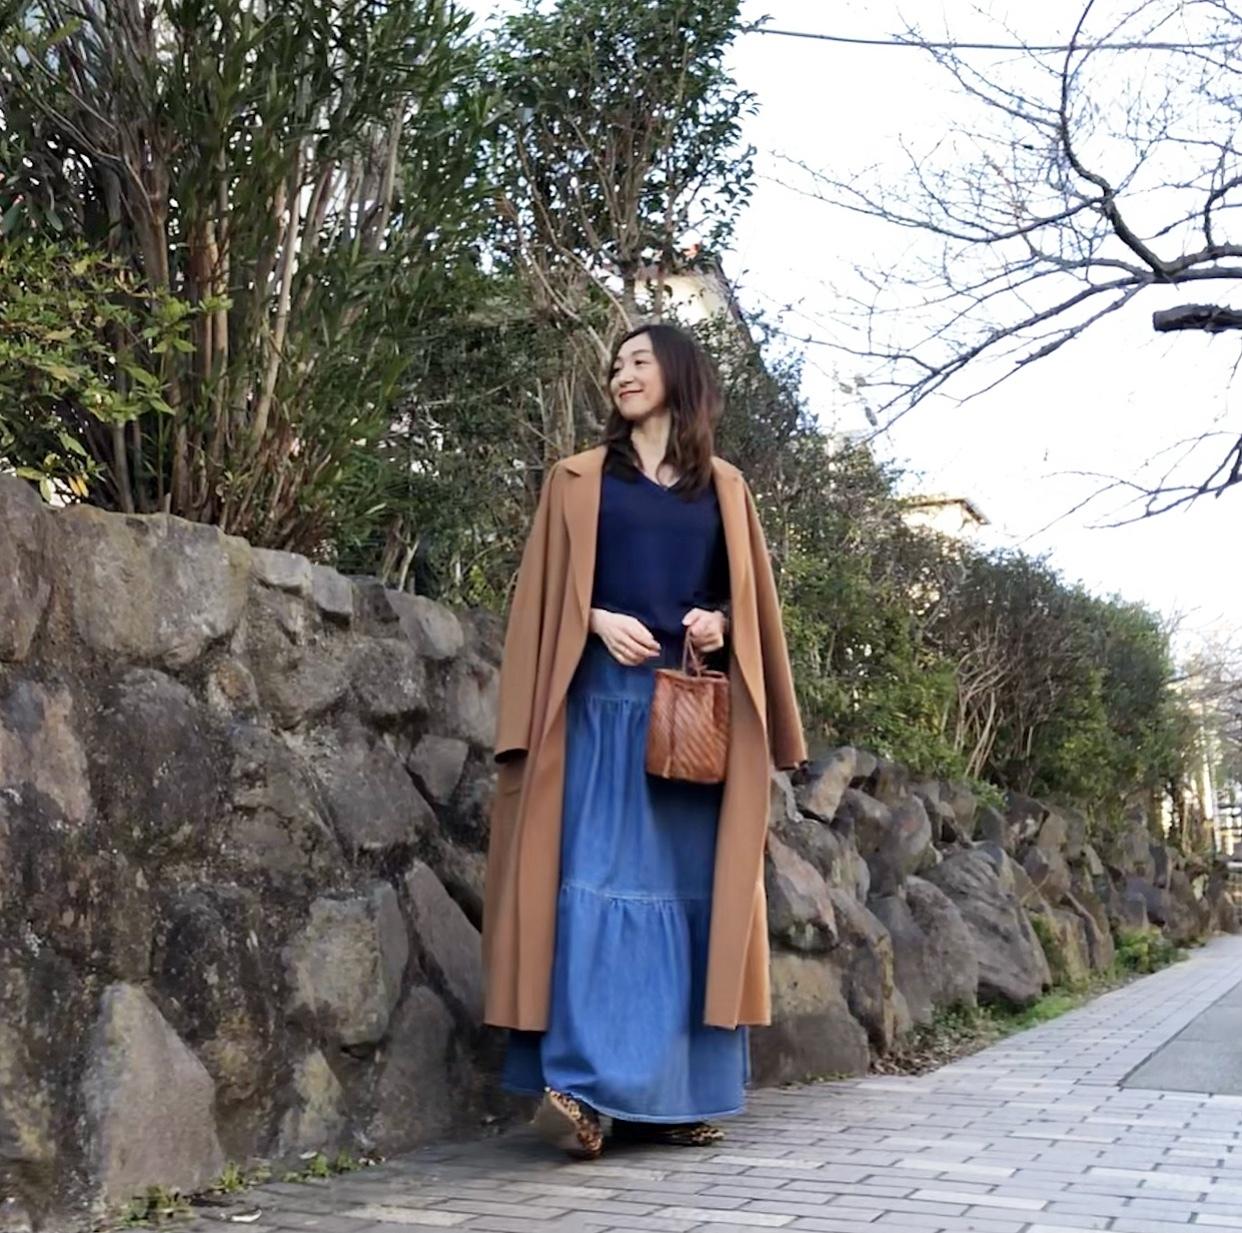 ティアードスカートが好き過ぎて❤︎_1_1